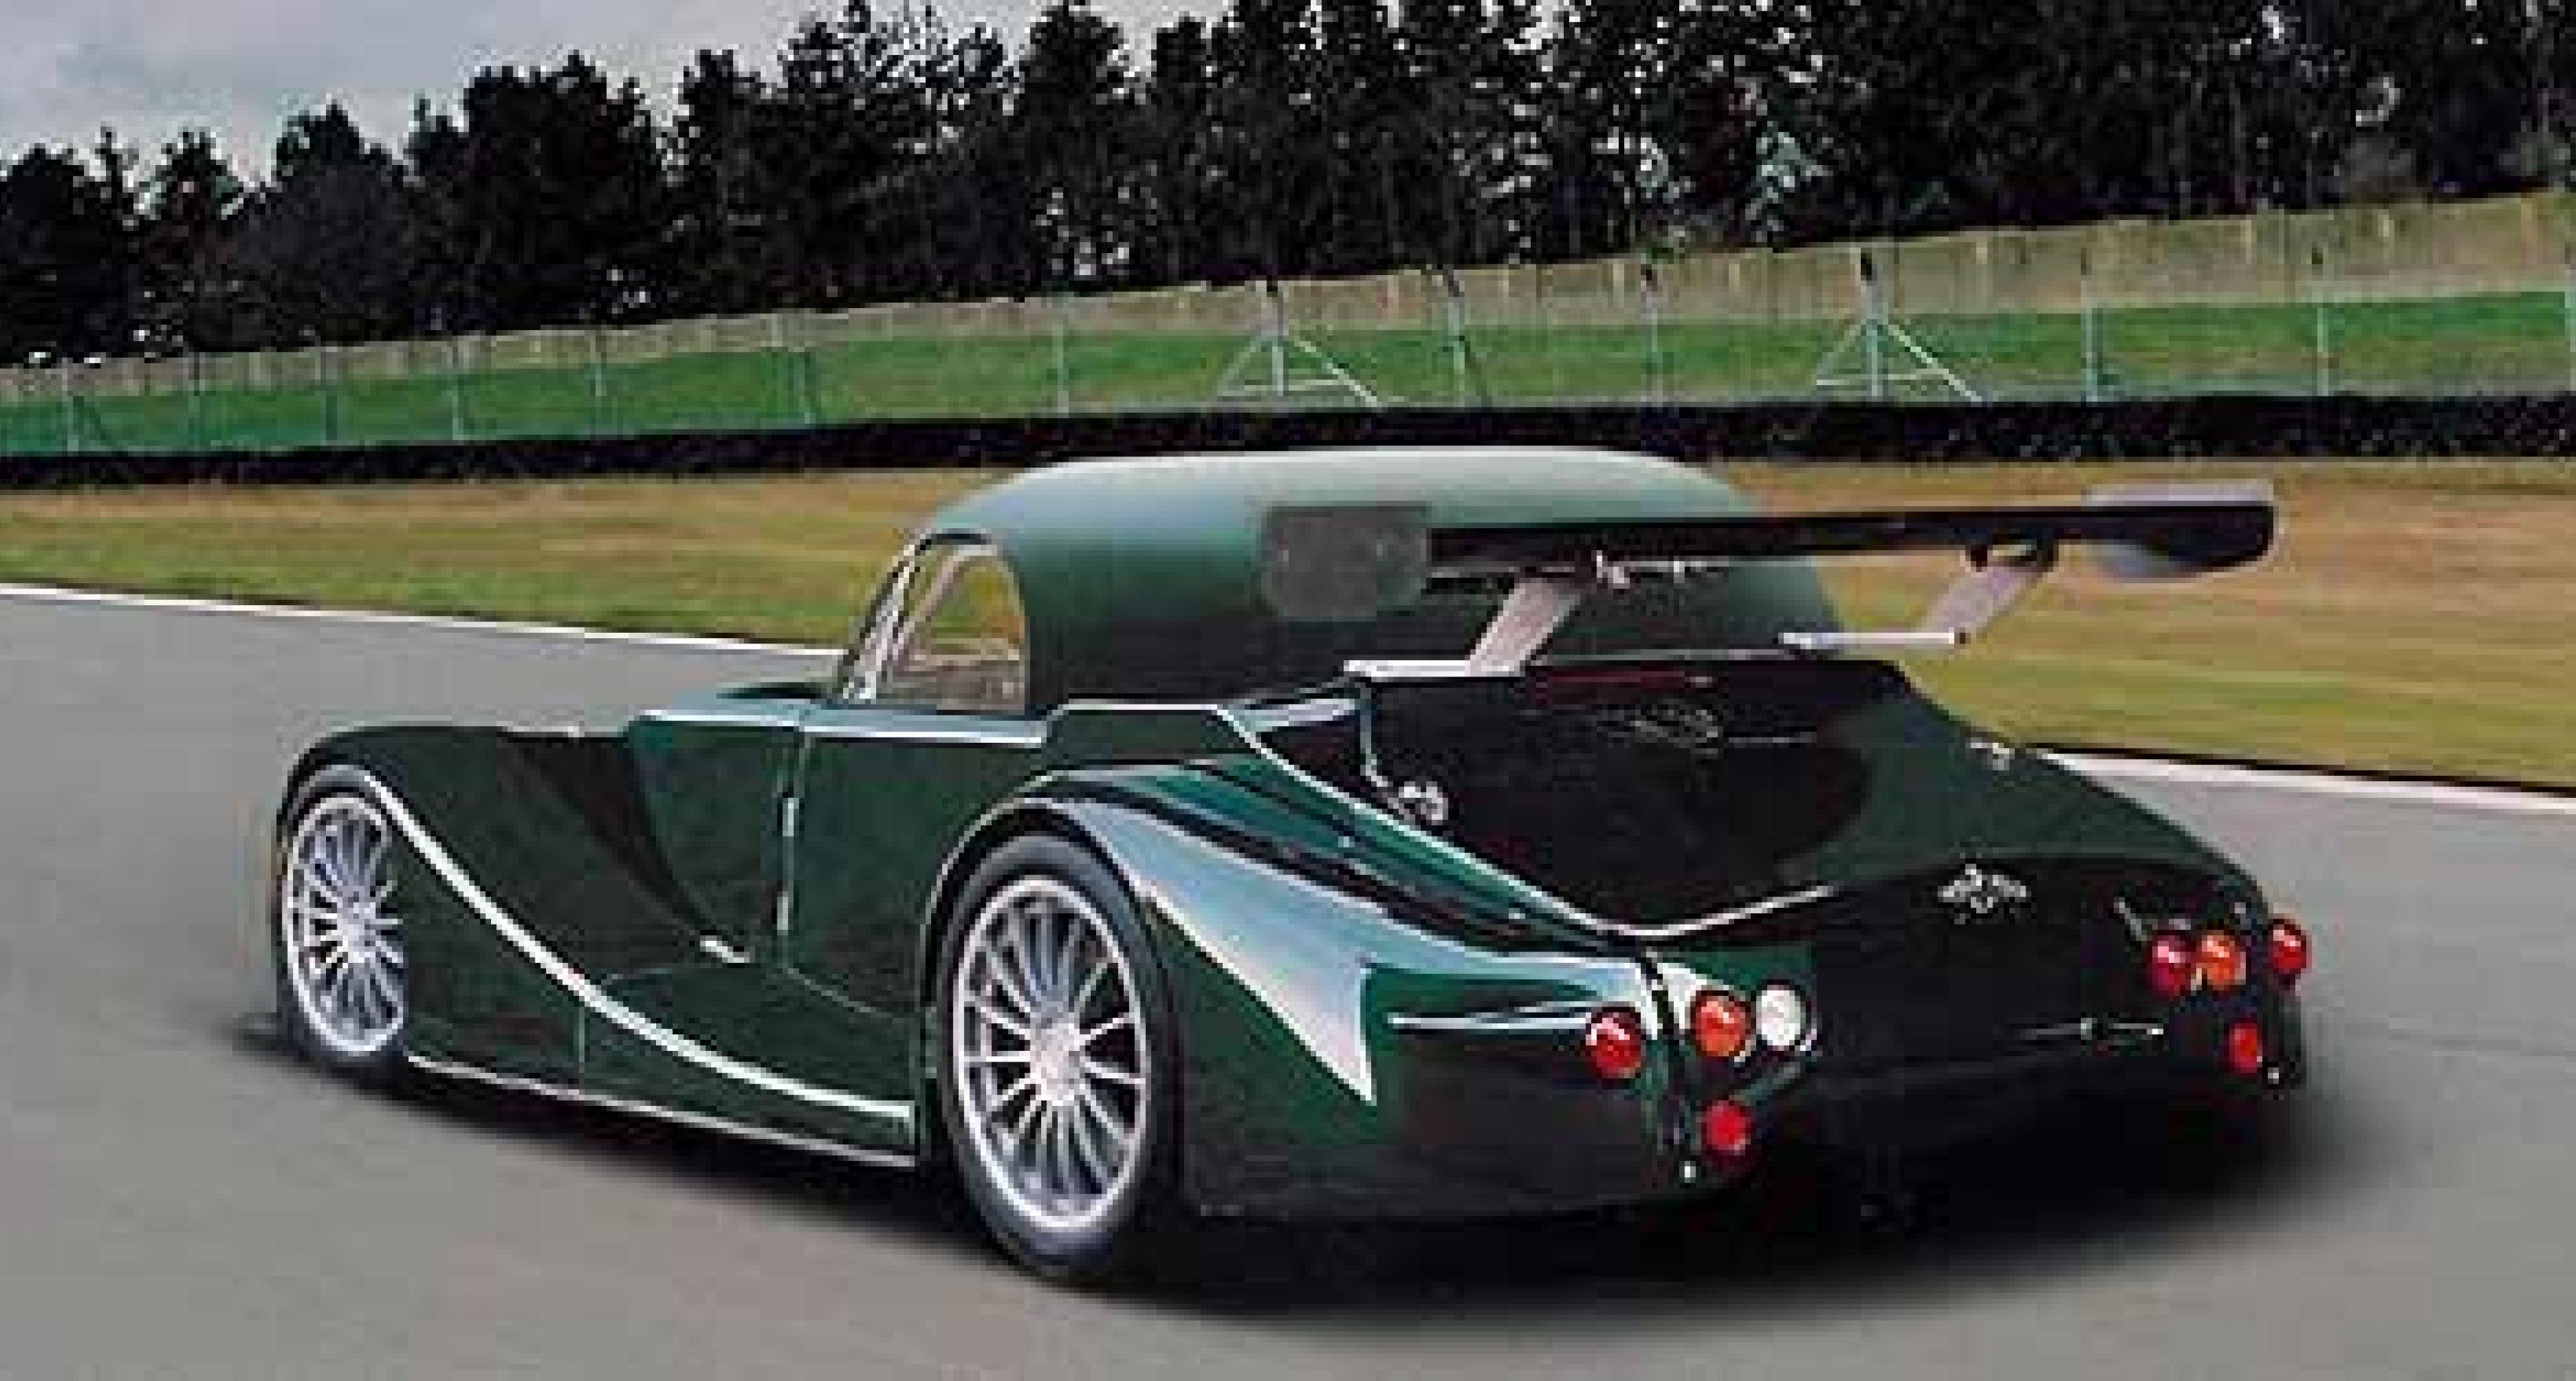 New Morgan race car